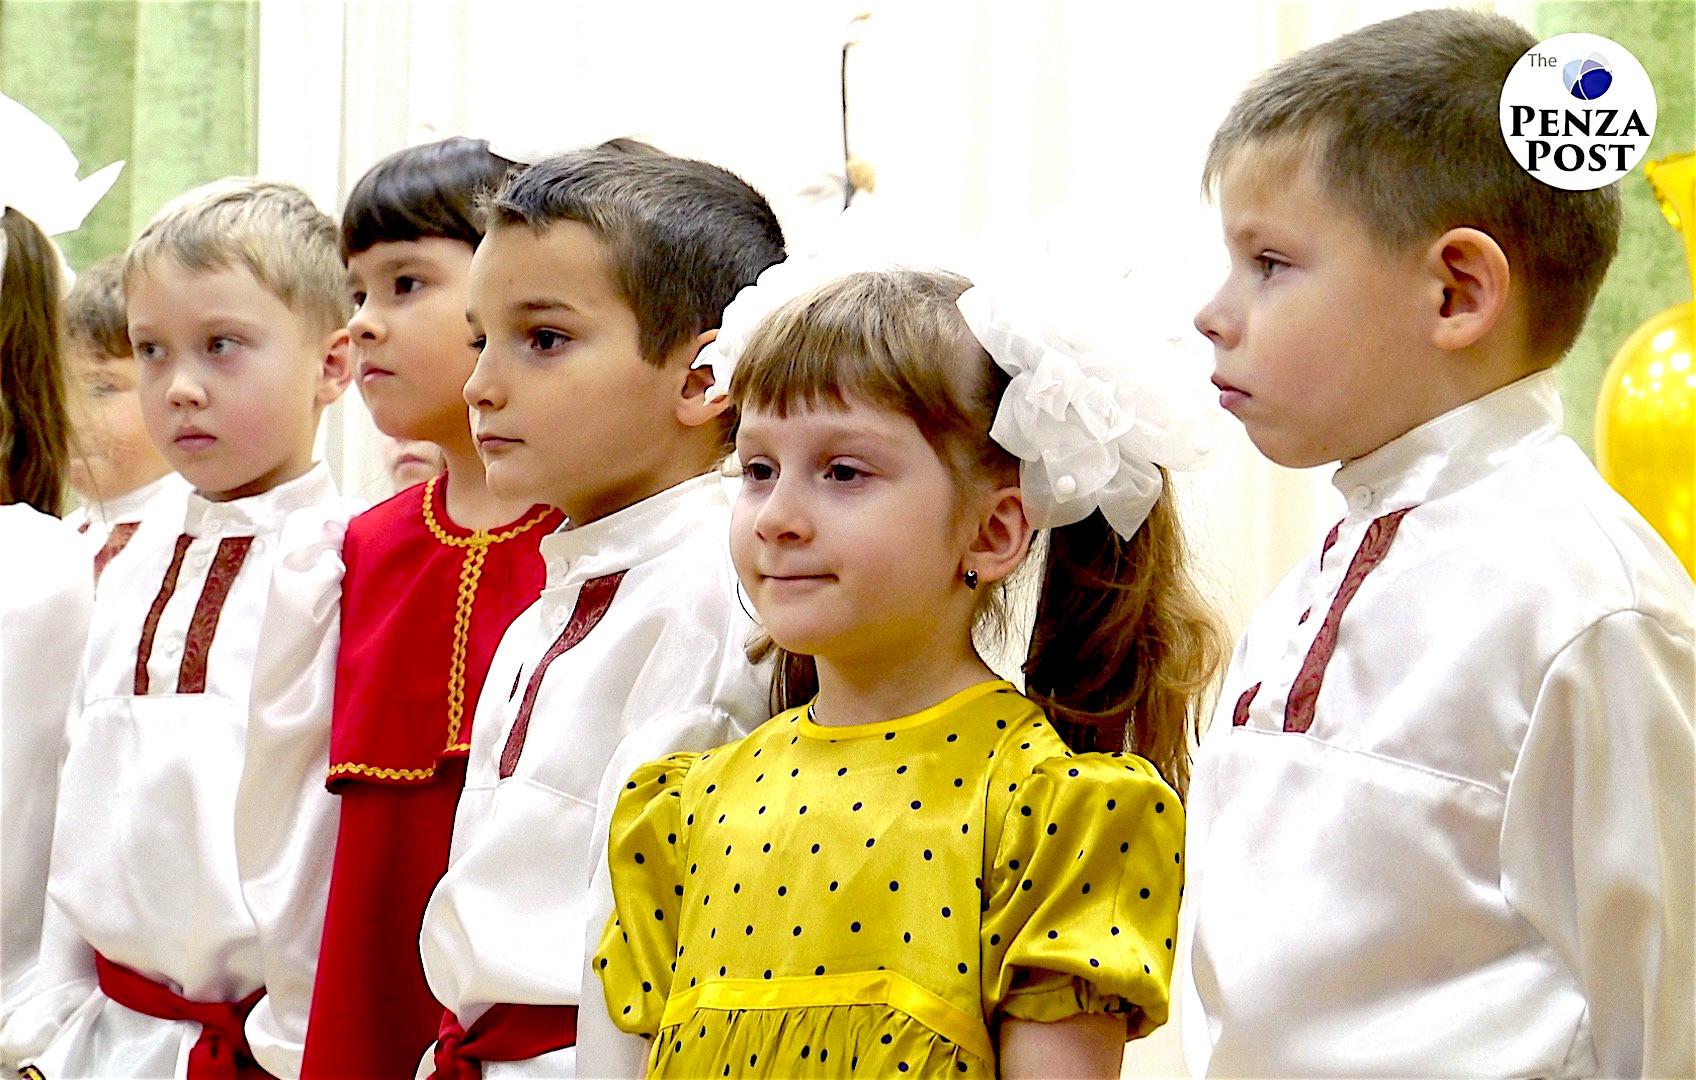 Михаил Тактаев представил проект туристическо-спортивной базы для детей-спортсменов в Пензе